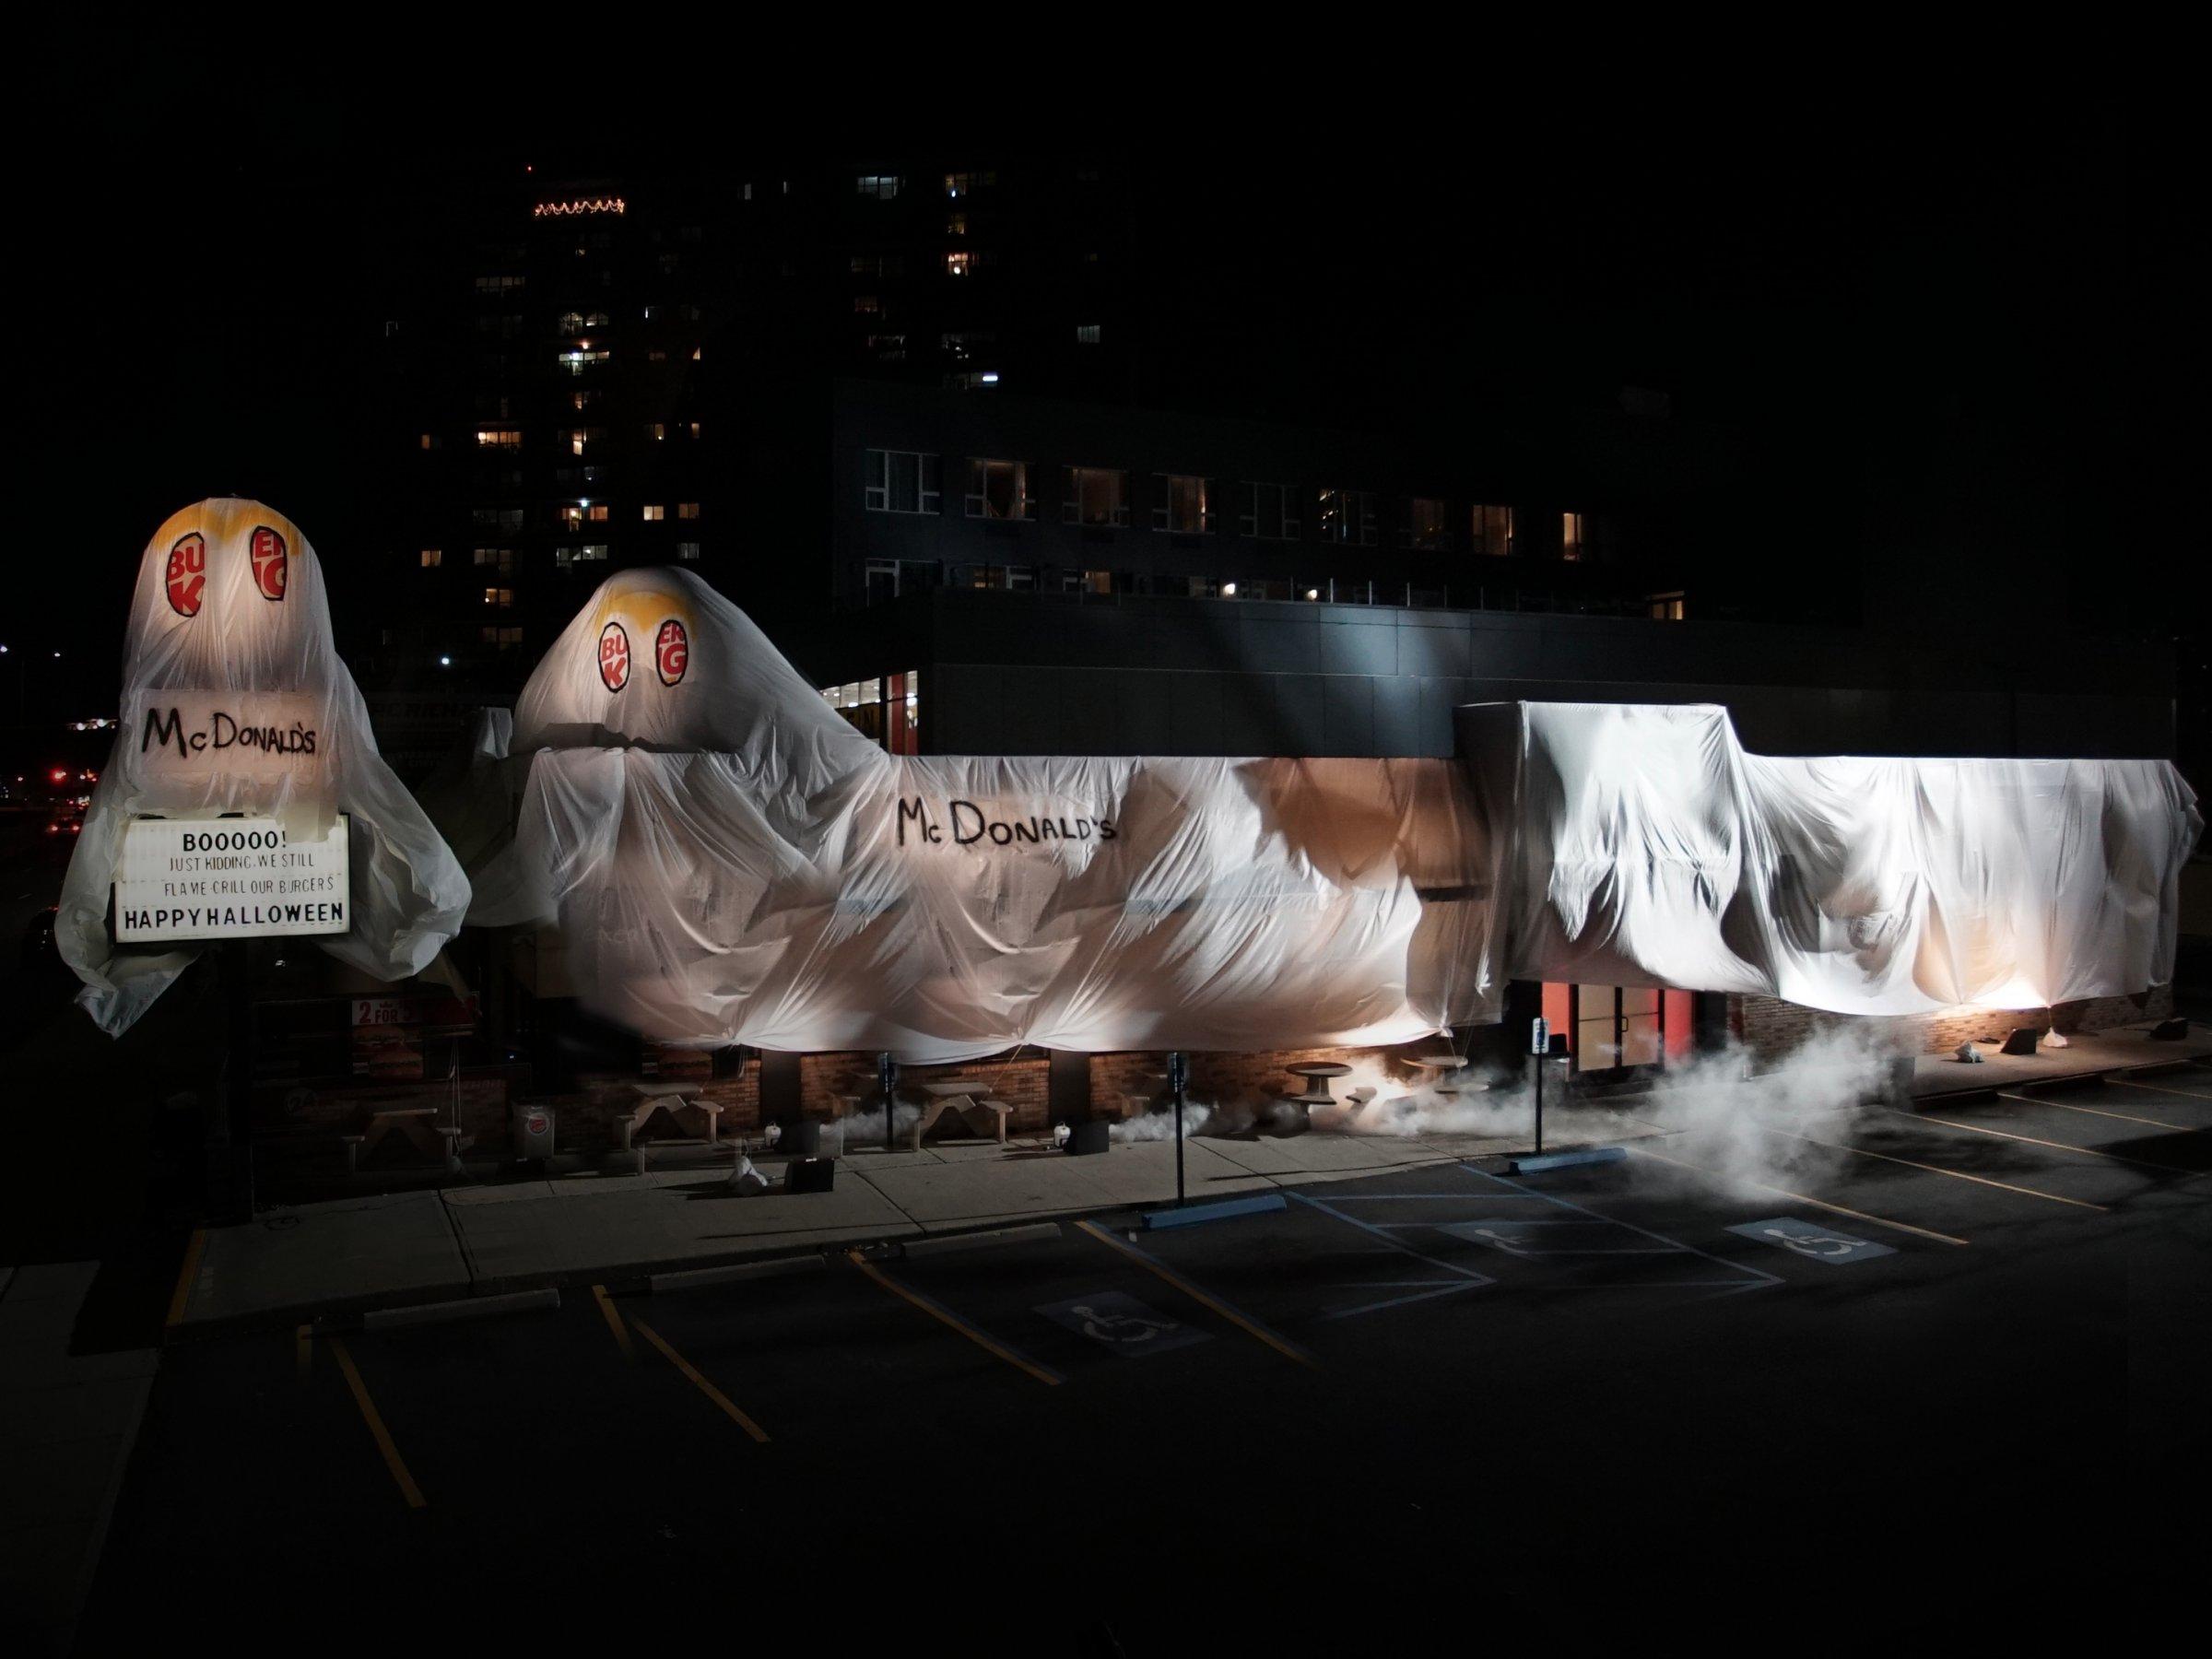 deguisement-mcdonalds-halloween-burger-king-3